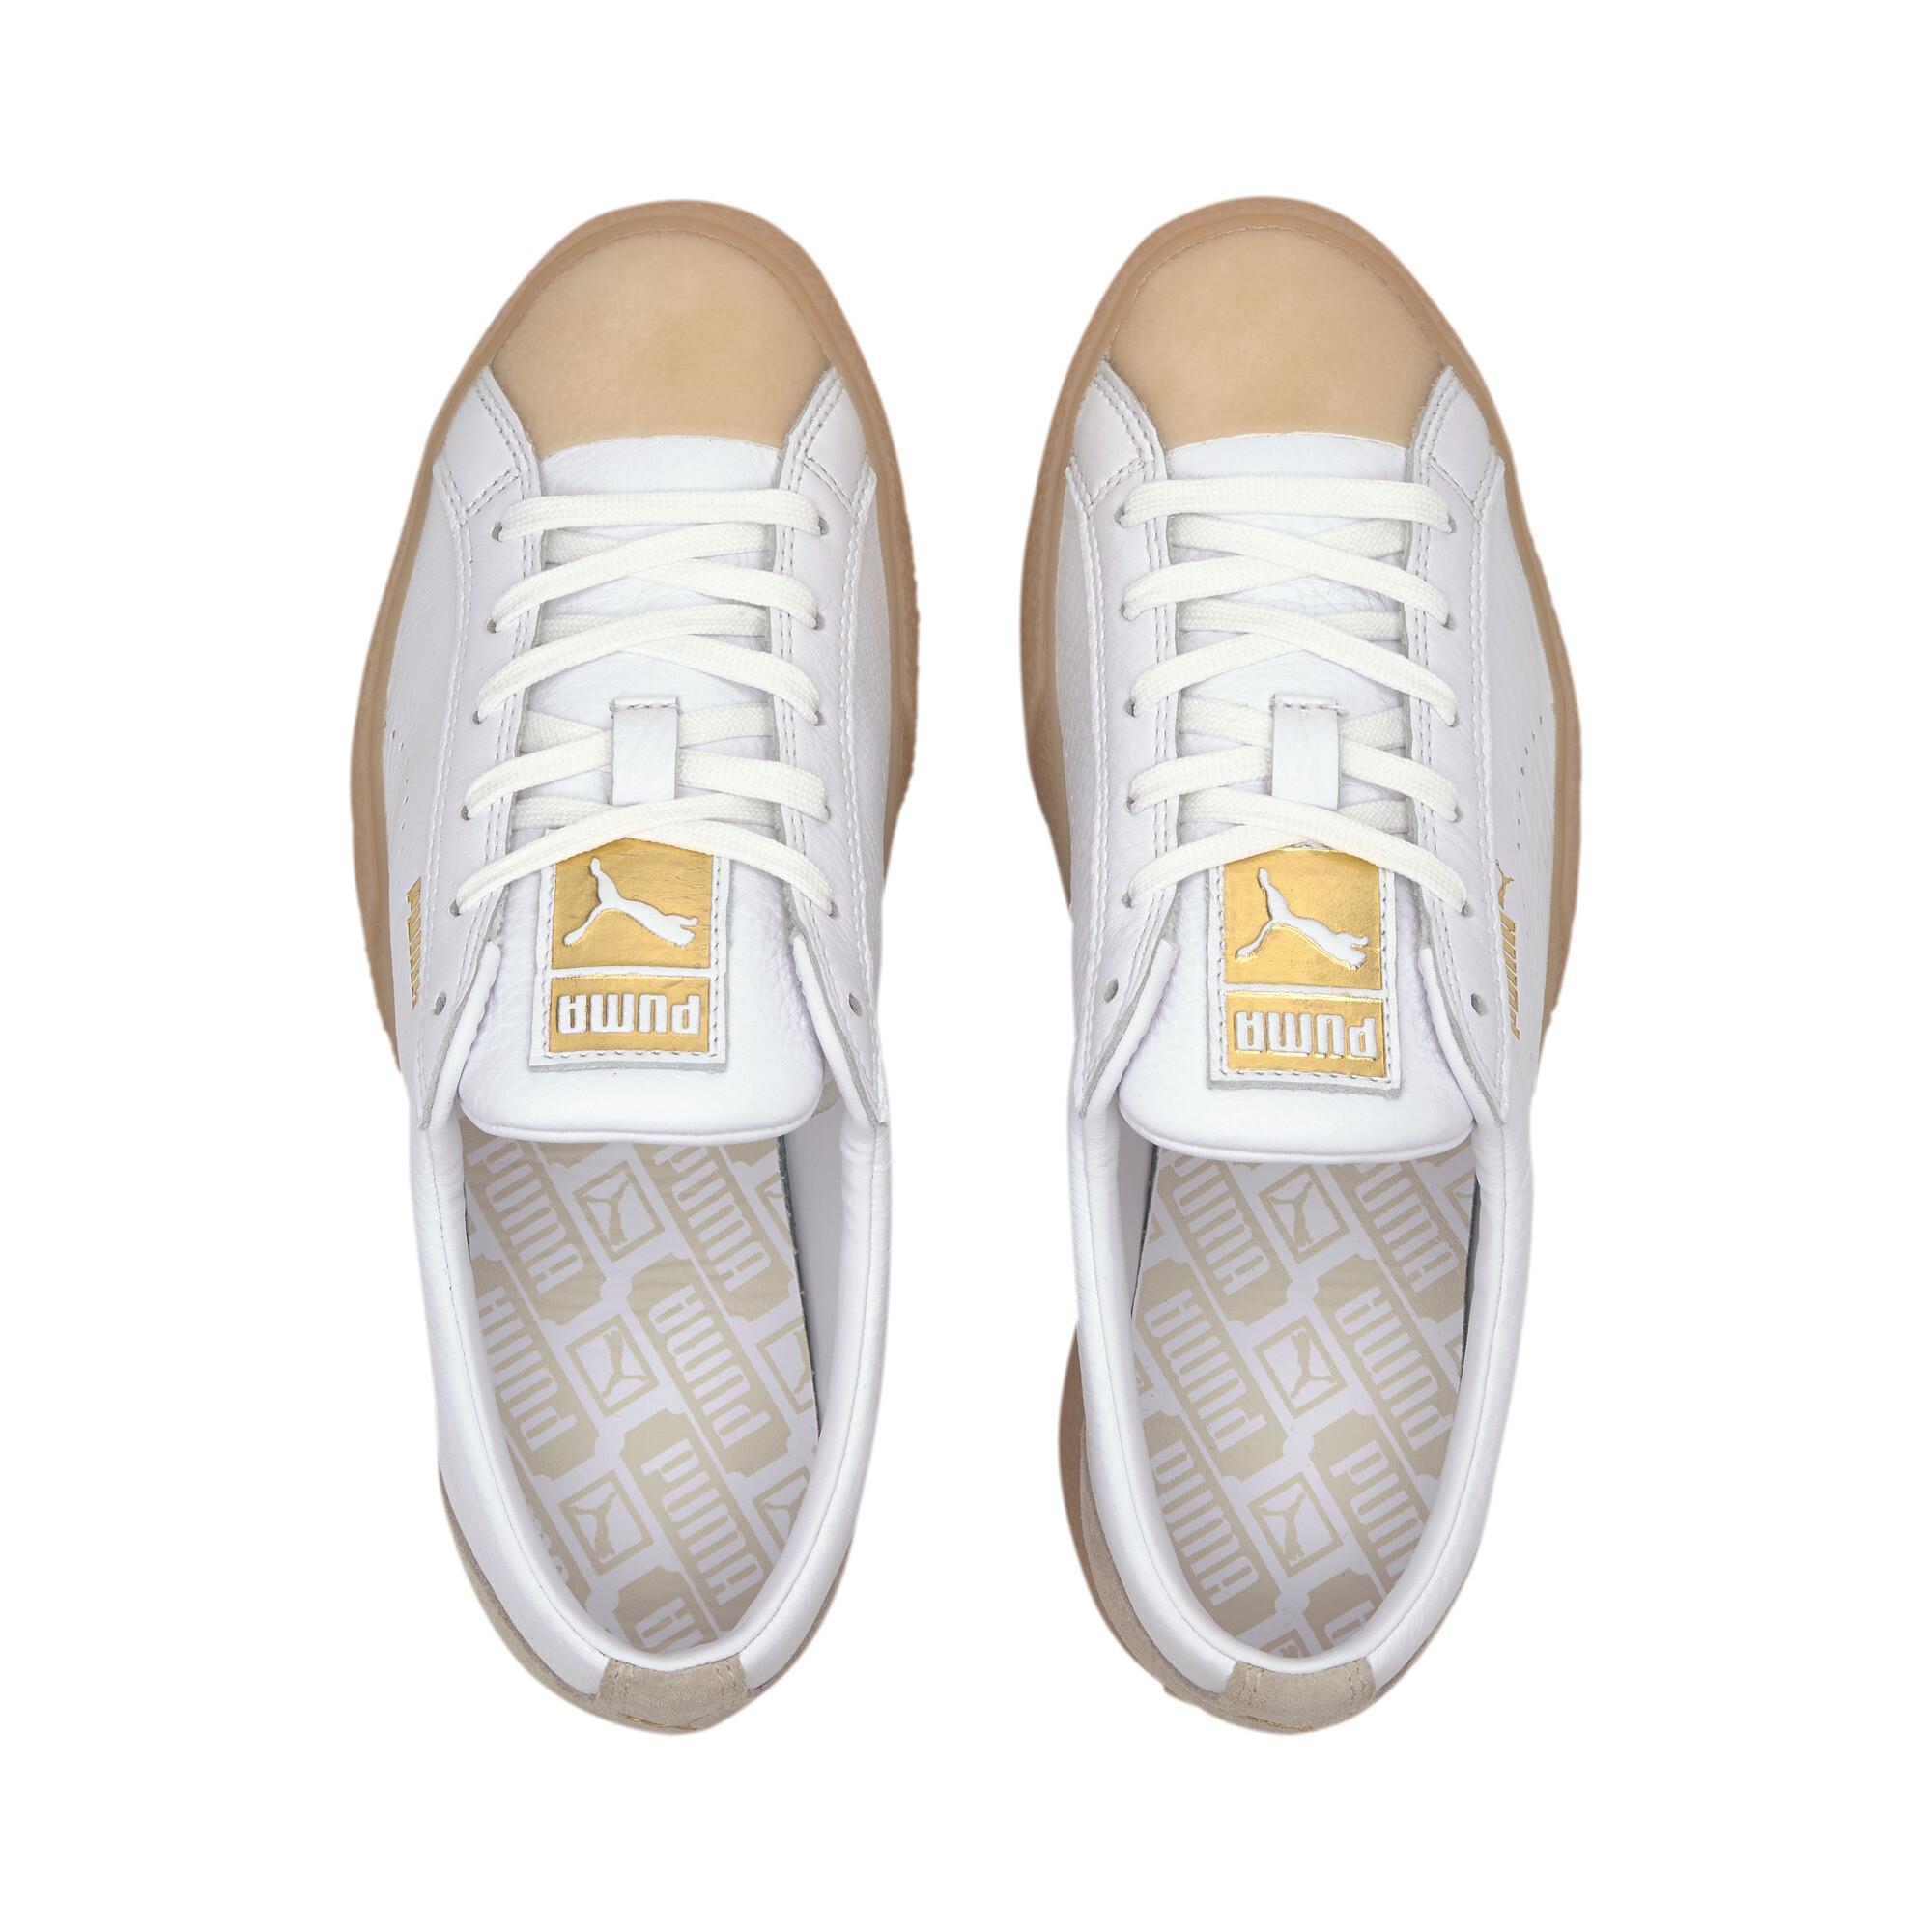 PUMA-Women-039-s-Love-Grand-Slam-Sneakers thumbnail 8